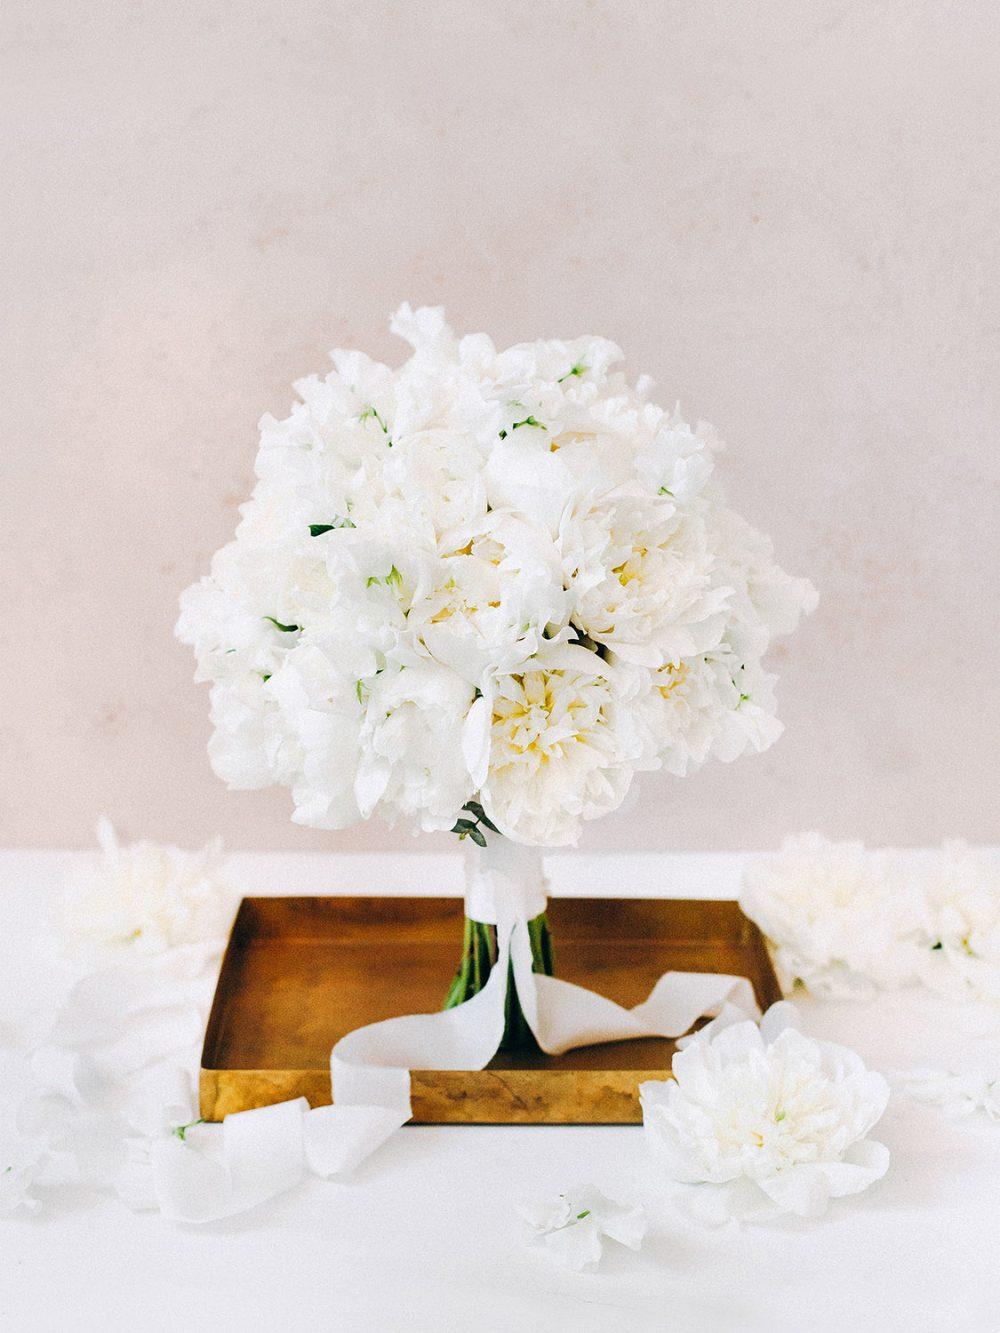 Bridal Bouquet Peonies Pfingstrosen Vienna Wien Hochzeitsdekoration Hochzeitsdeko Floristik und Dekoration Tabea Maria-Lisa Floral Designer Floristin heiraten Schweiz Blumen